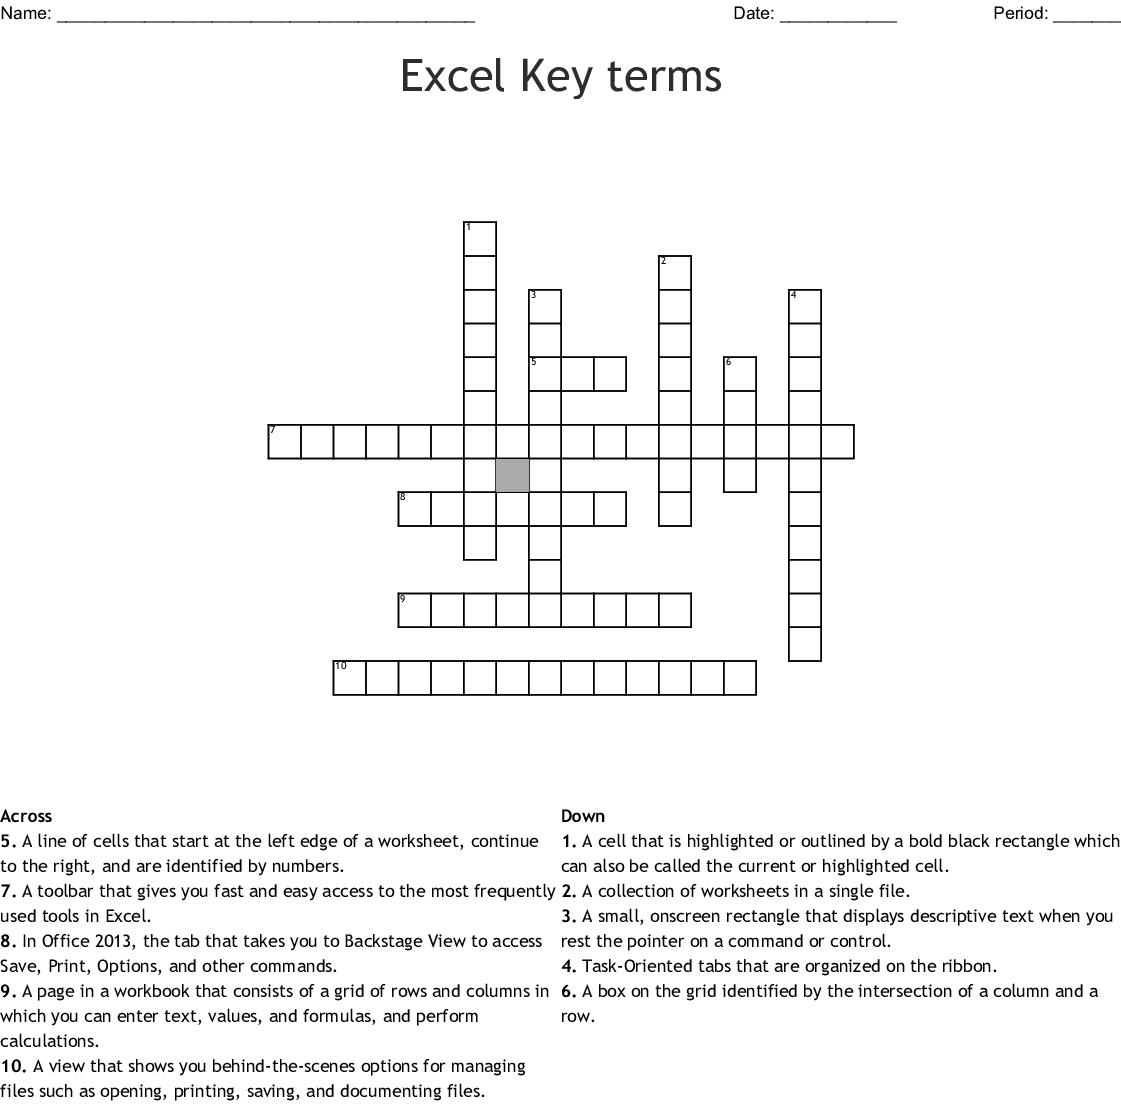 Excel Vocabulary Crossword